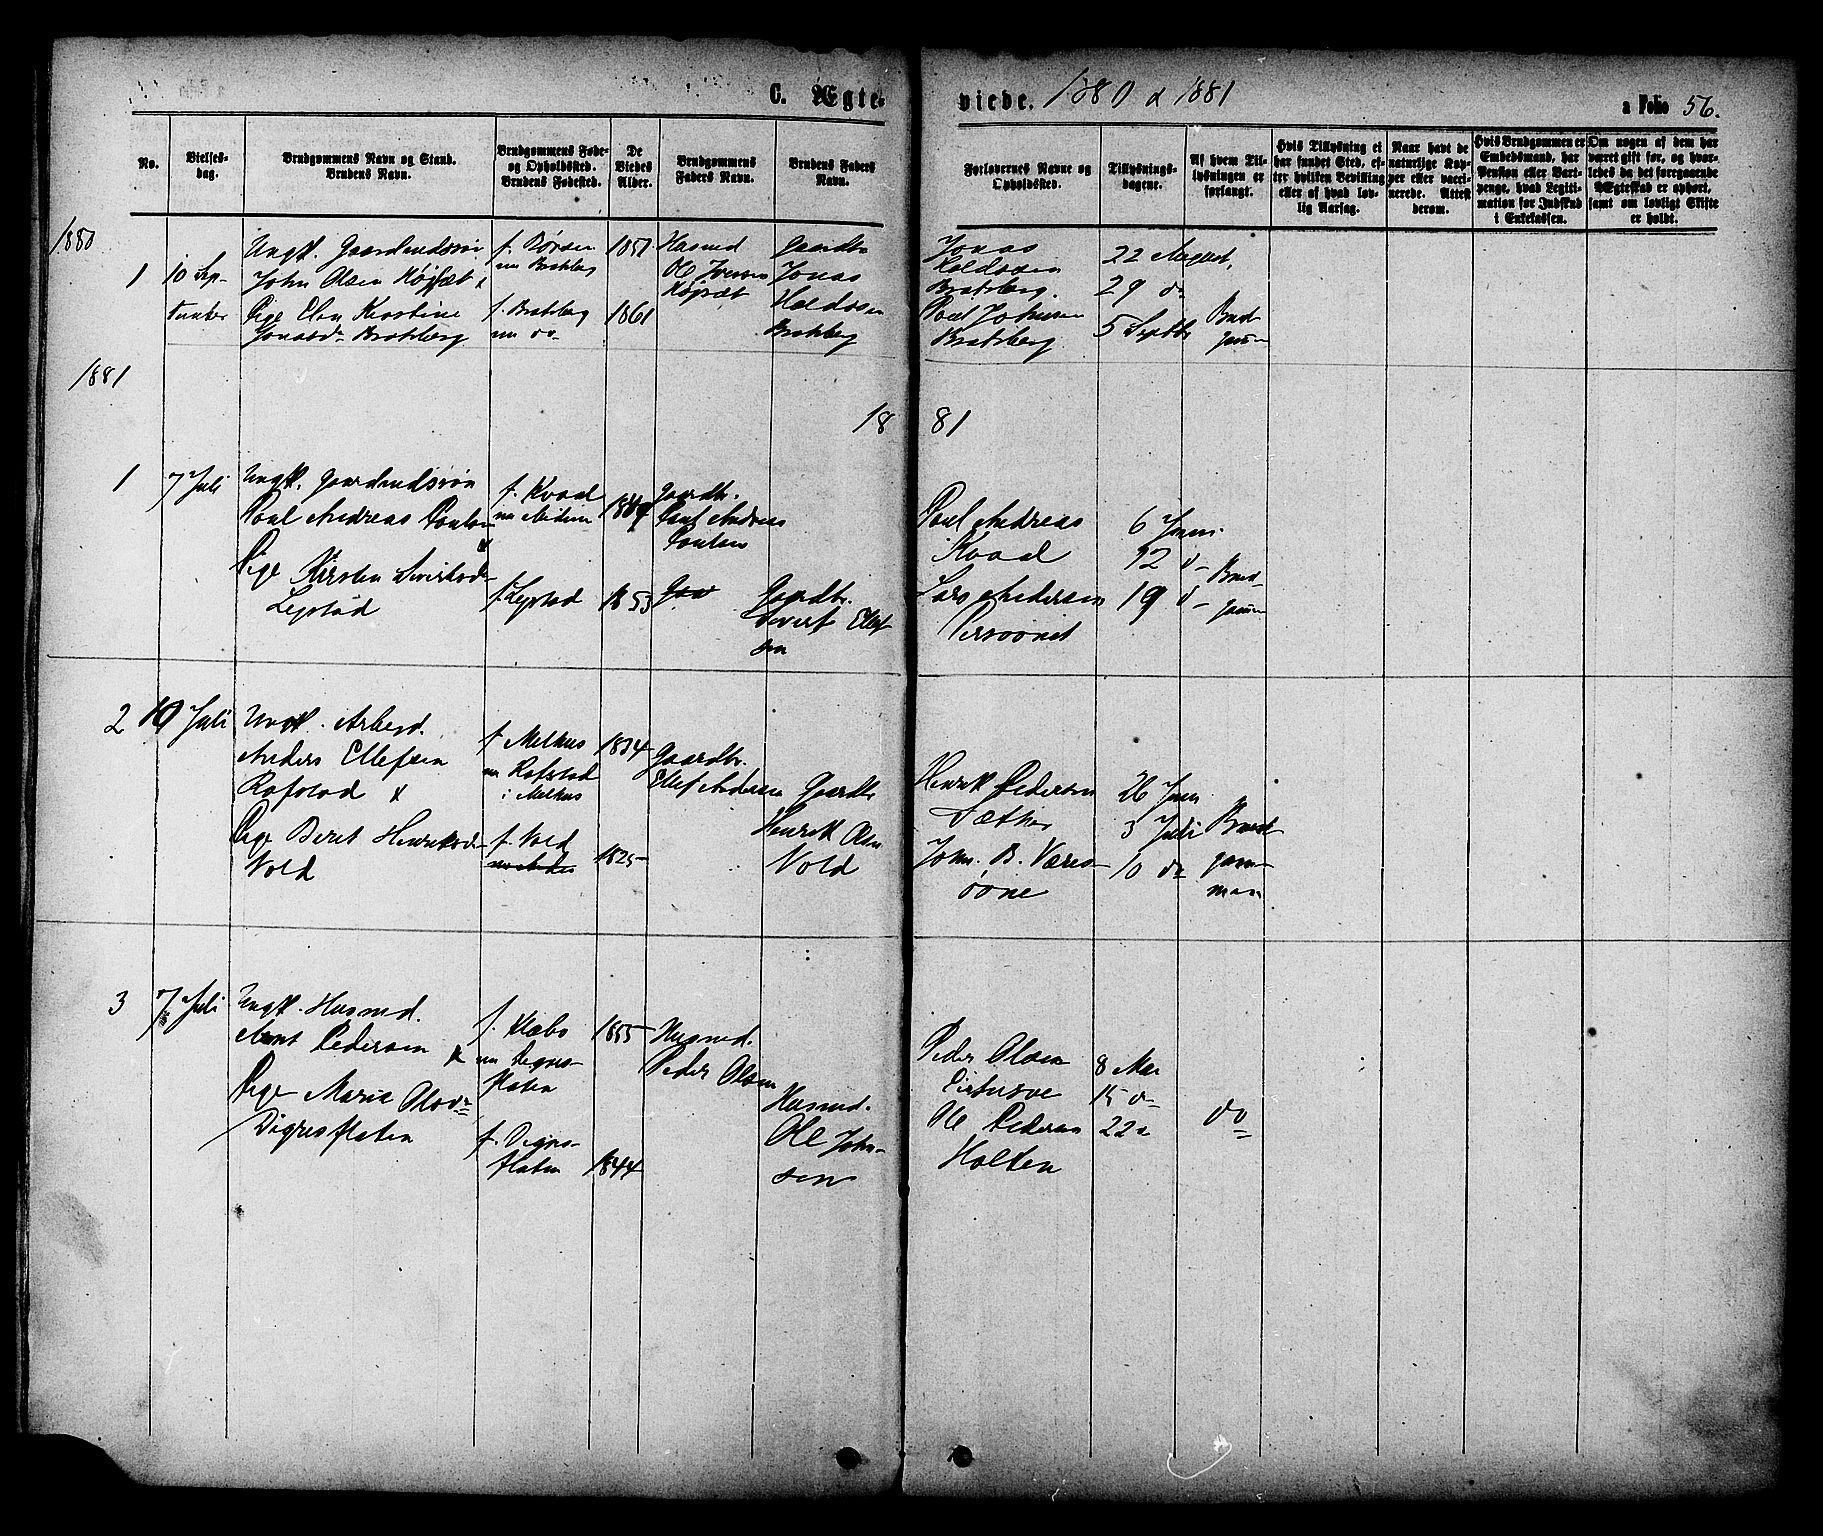 SAT, Ministerialprotokoller, klokkerbøker og fødselsregistre - Sør-Trøndelag, 608/L0334: Ministerialbok nr. 608A03, 1877-1886, s. 56